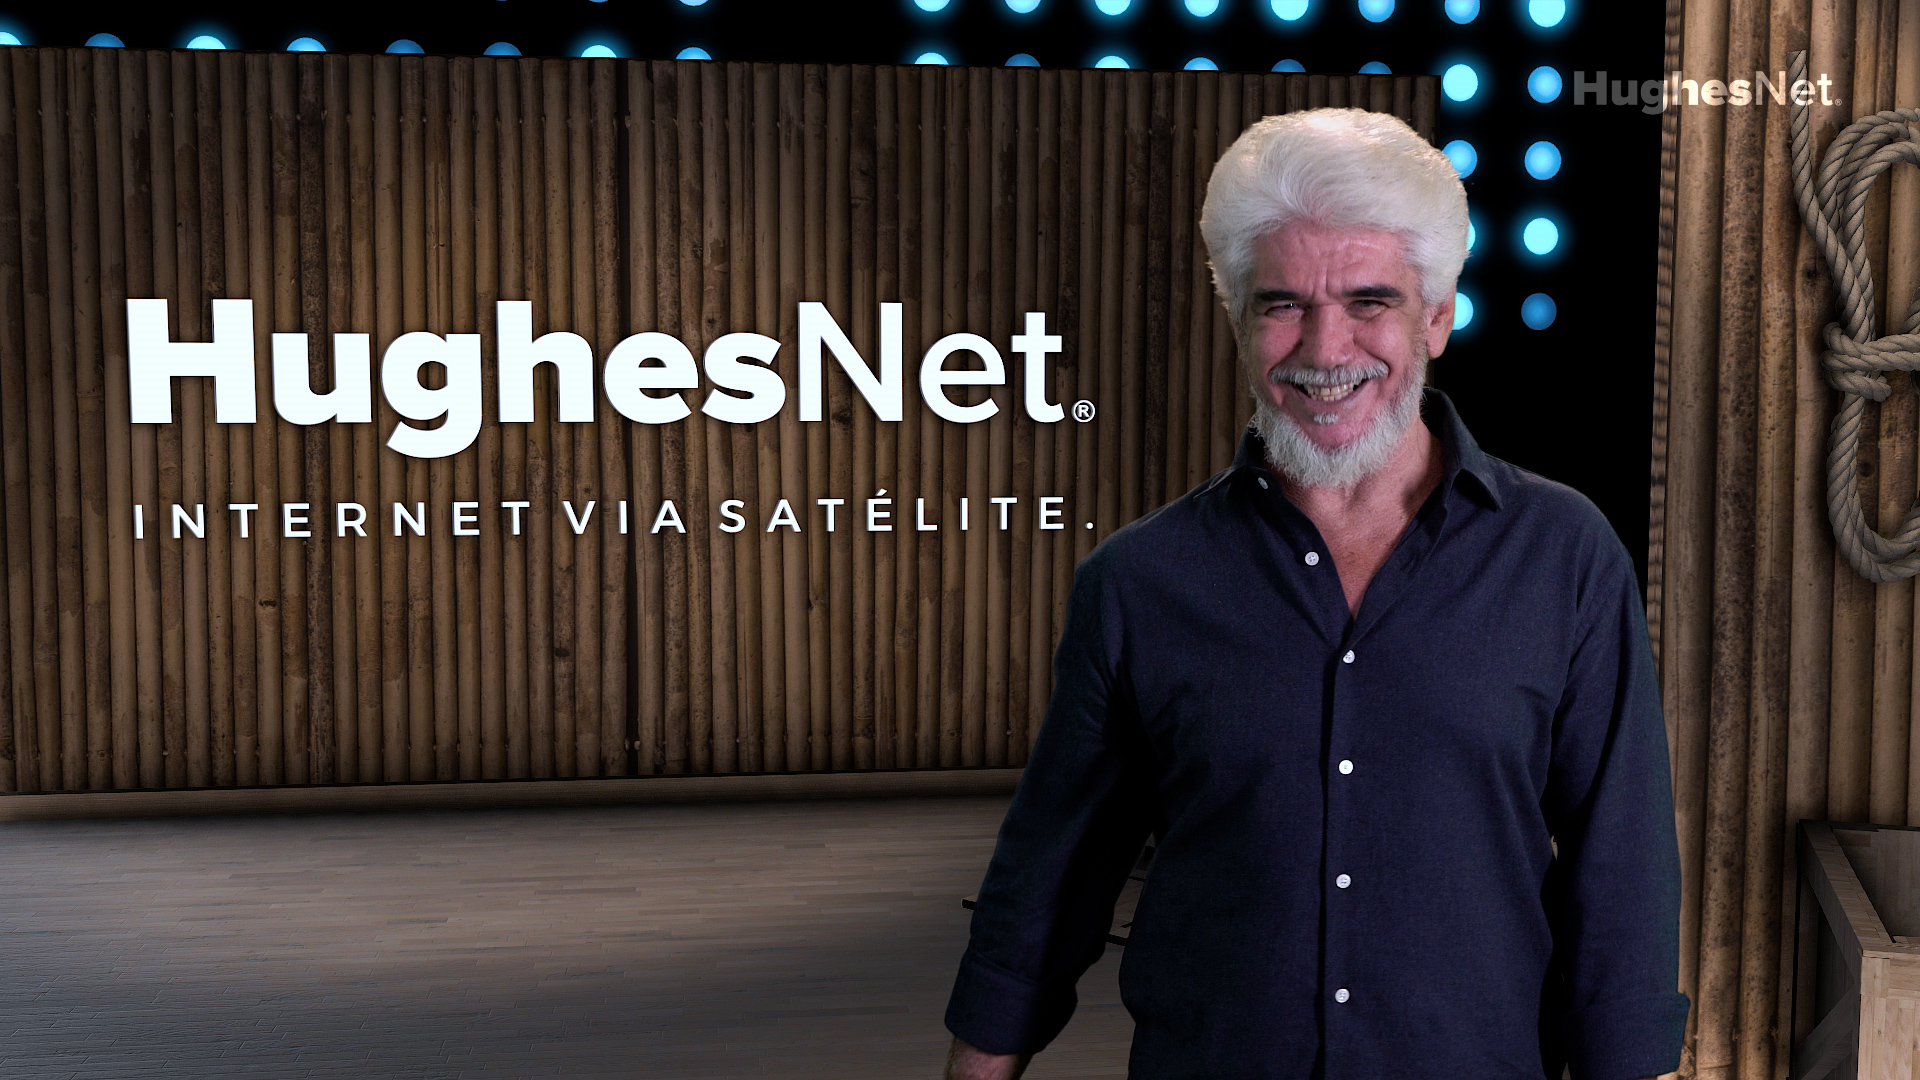 Jackson Antunes estrela nova campanha da HughesNet